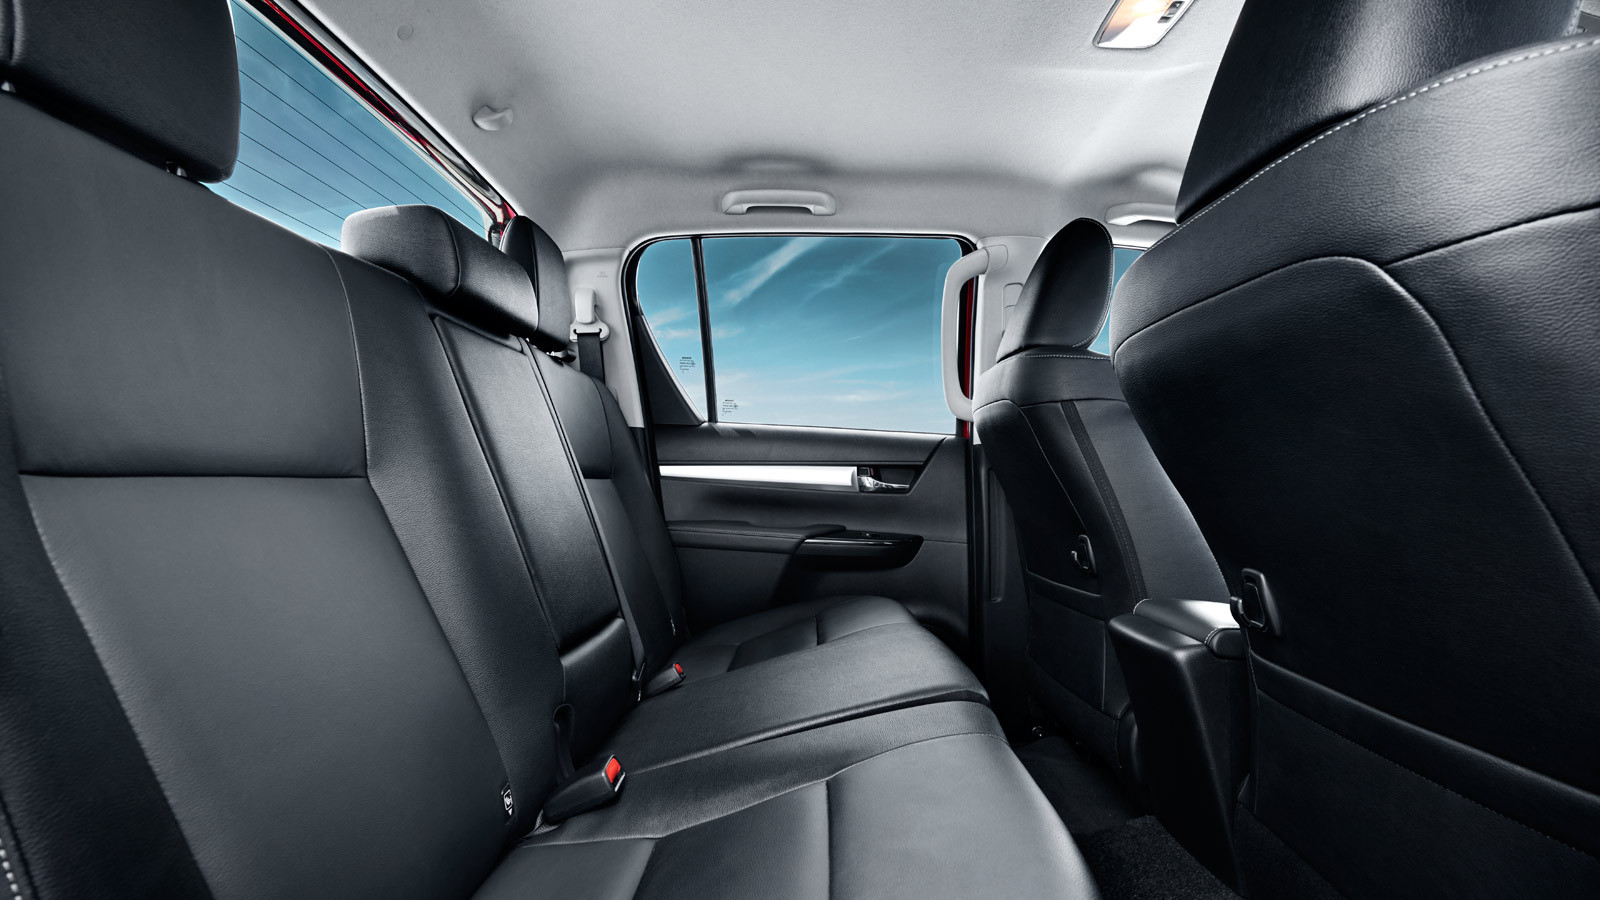 002-hilux-interior_1600x900_tcm-3020-120